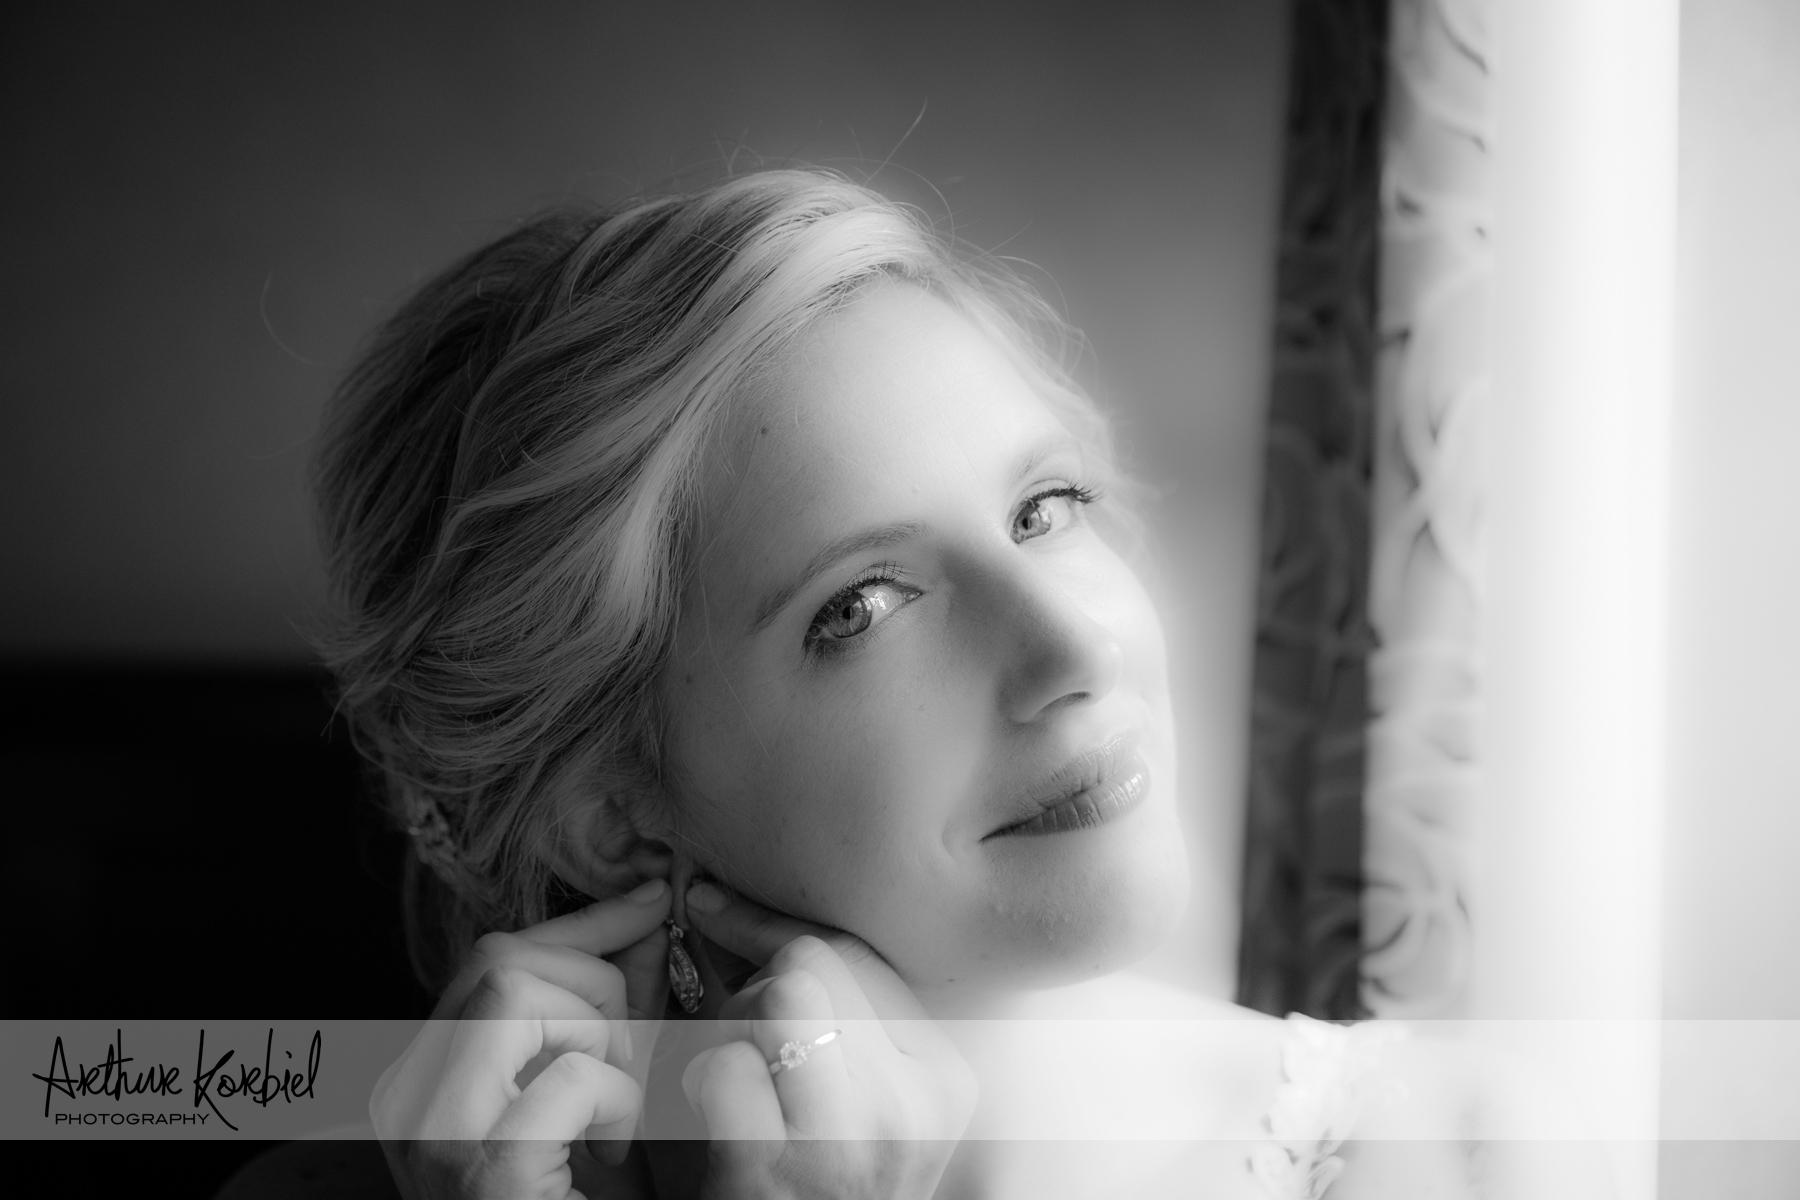 Arthur Korbiel Photography - London Wedding Photographer-033.jpg